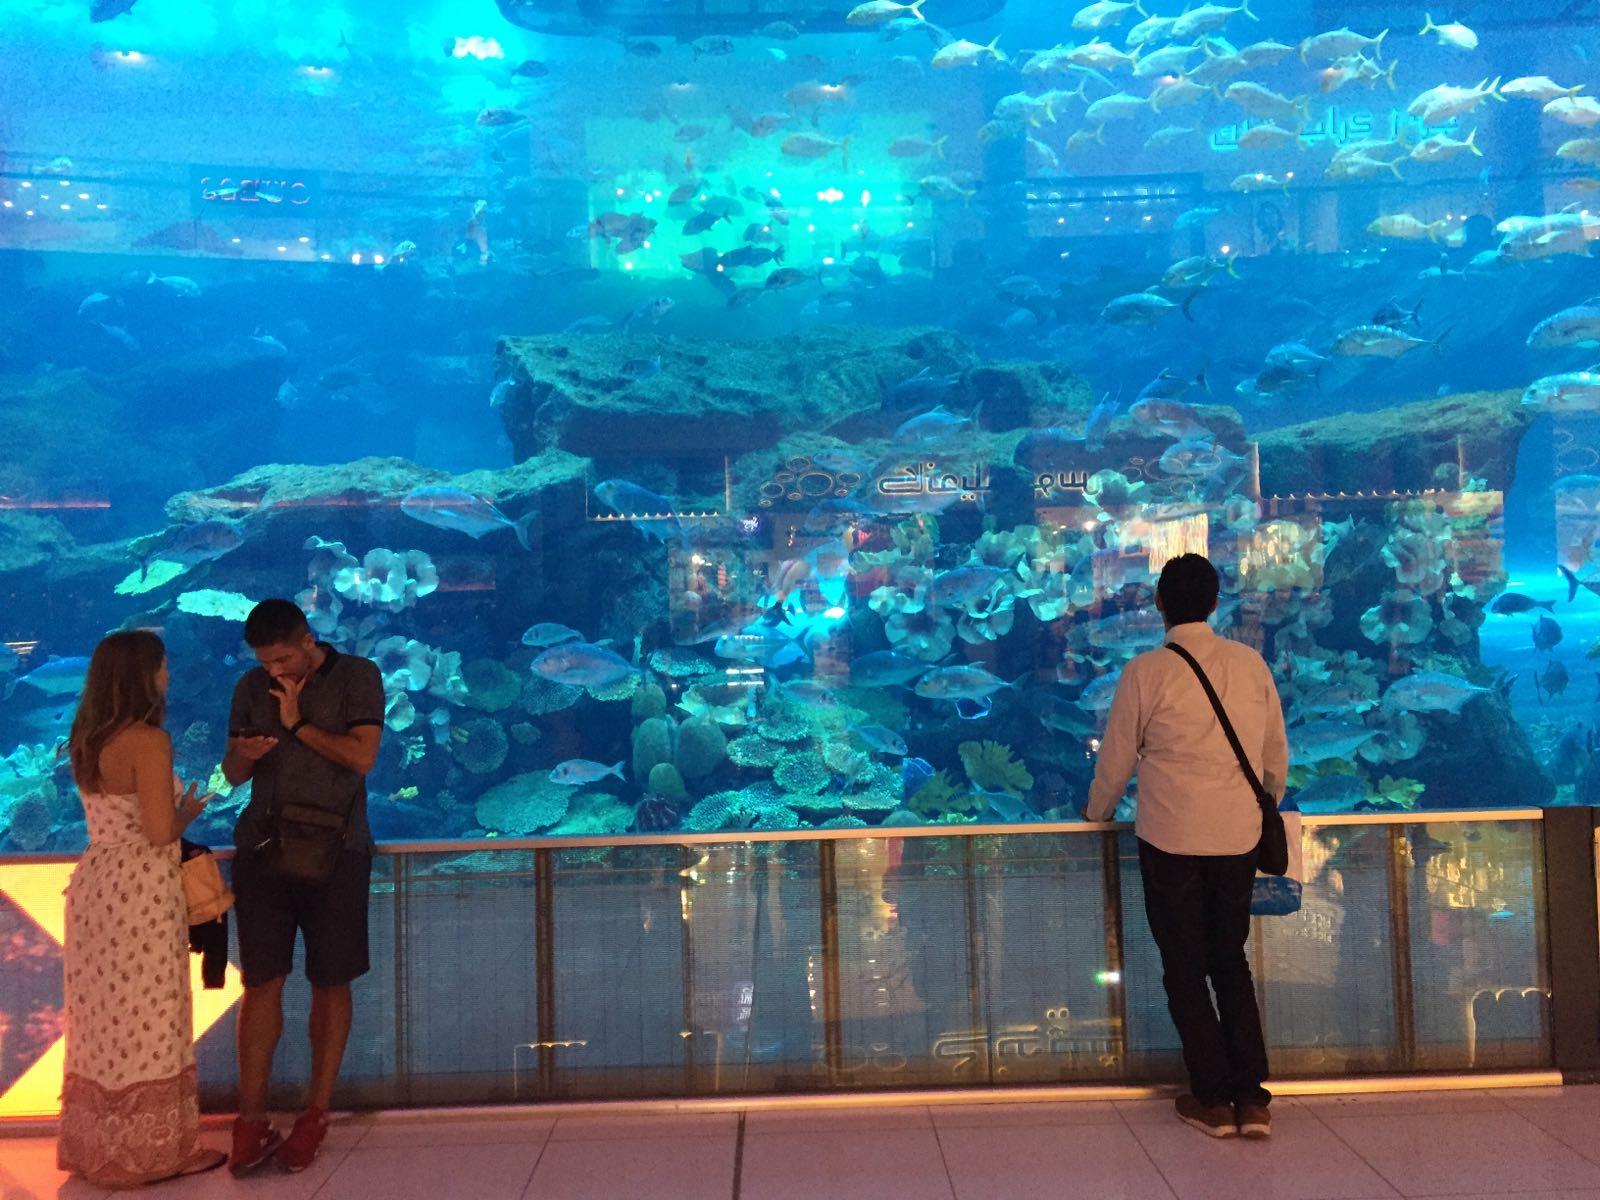 tglass-aquarium1